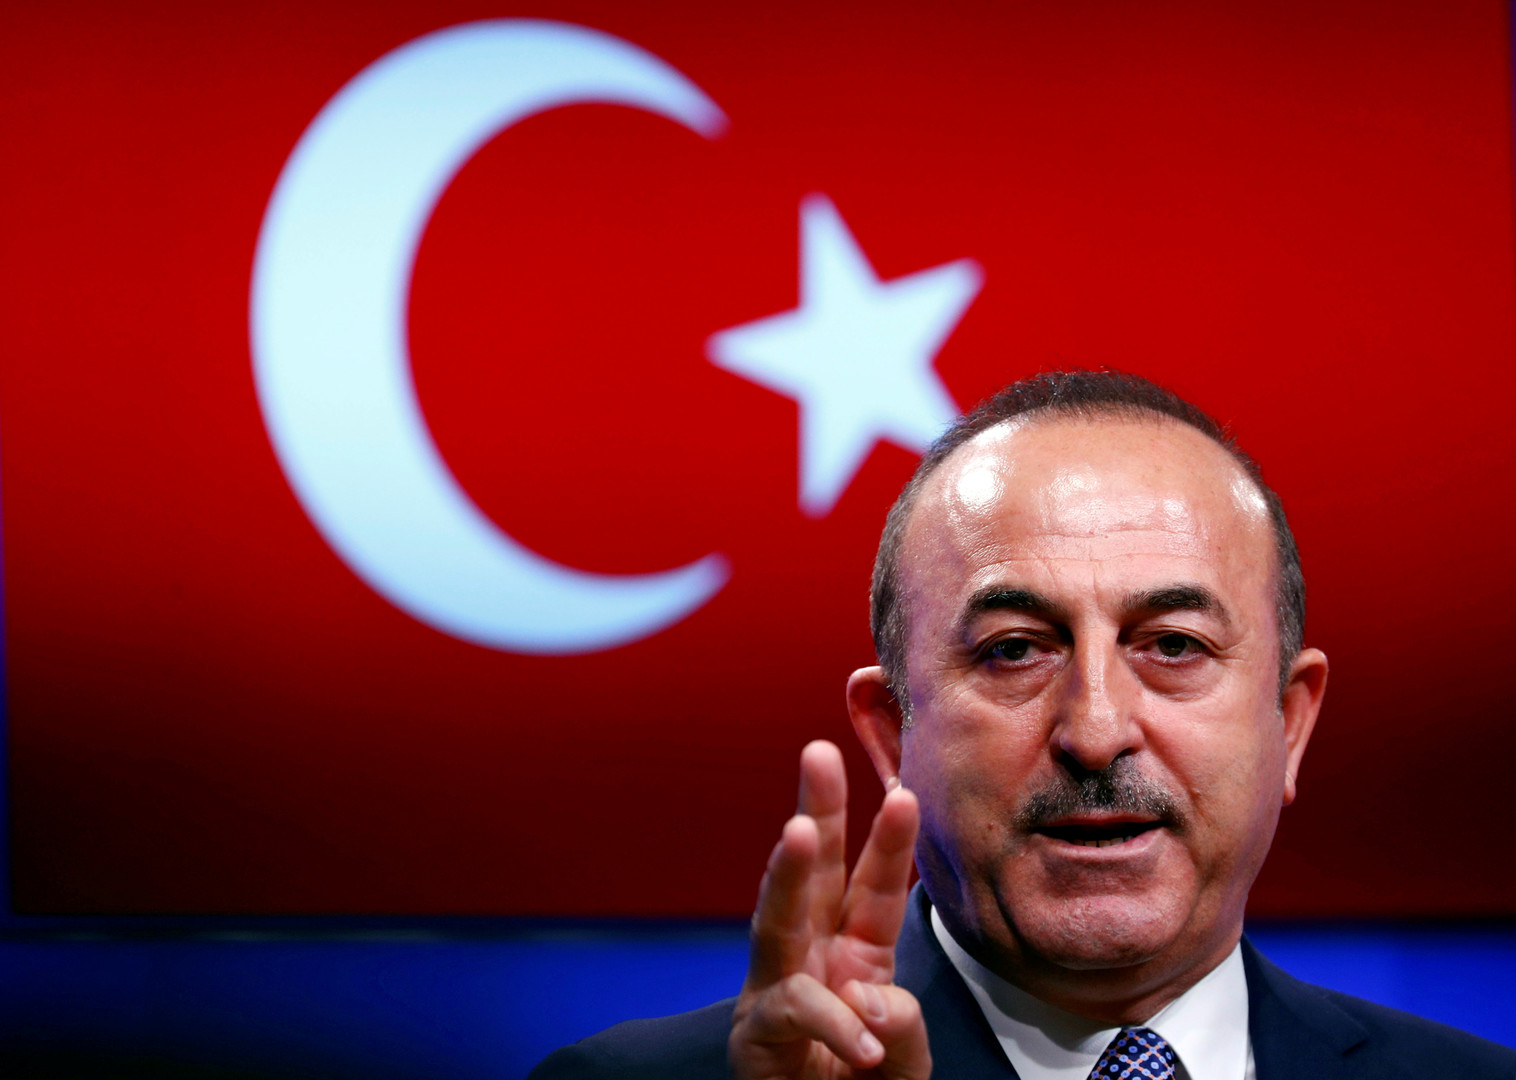 تركيا: علاقاتنا مع السعودية شهدت مشاكل بسبب مصر لكن الوضع تحسن بعد تولي الملك سلمان منصبه